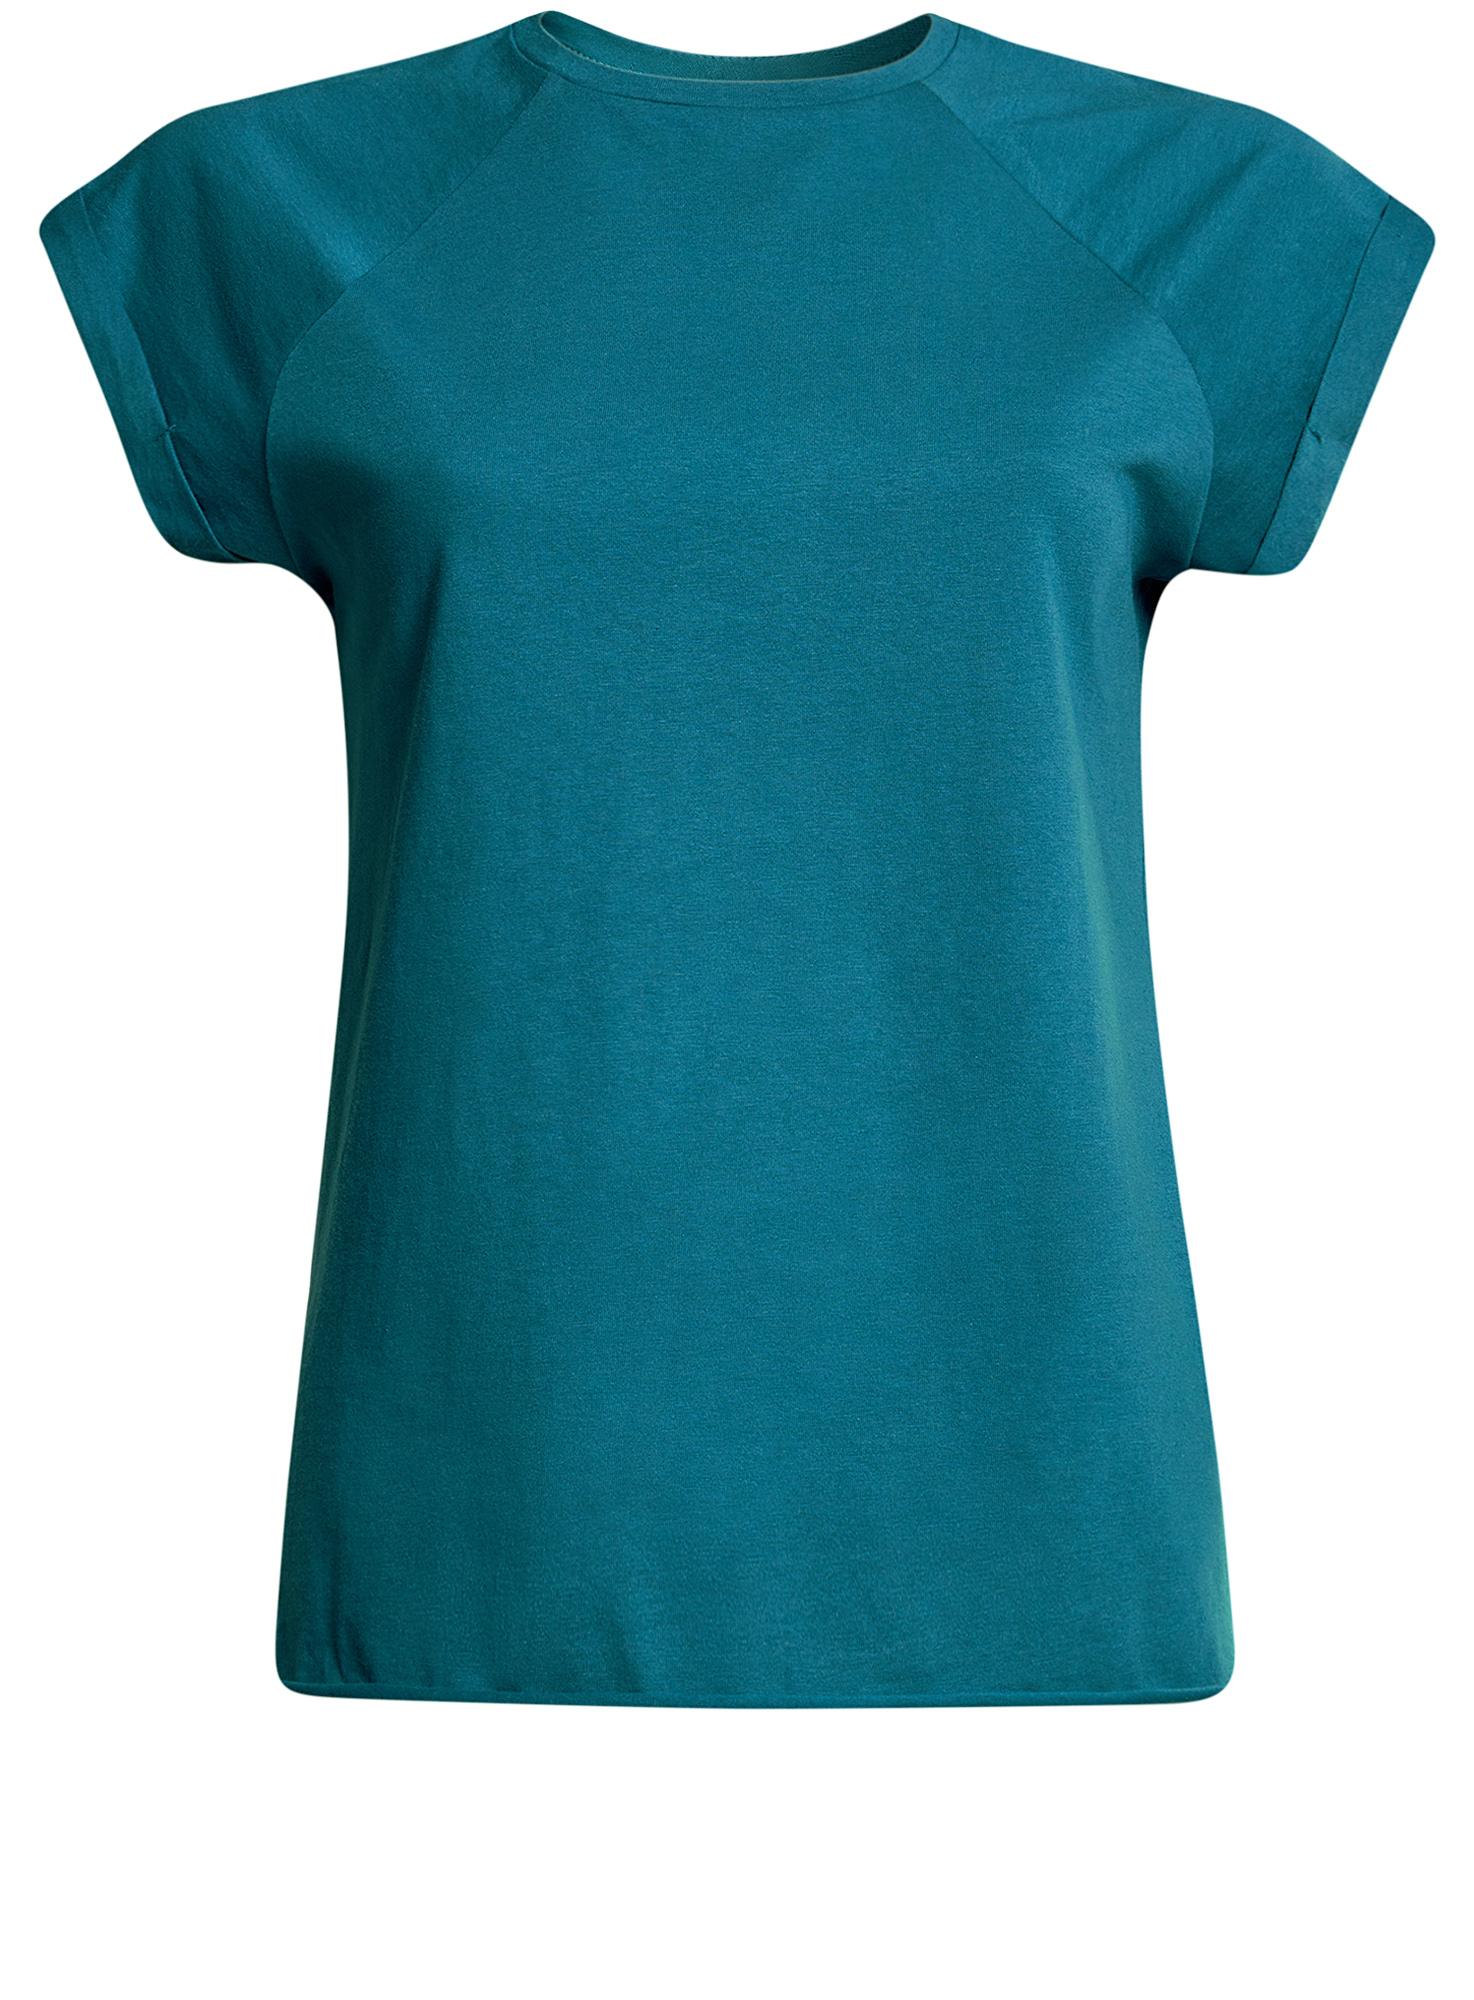 Футболка женская oodji Ultra, цвет: темно-бирюзовый. 14707001-4B/46154/6C00N. Размер S (44) футболка женская oodji ultra цвет зеленый 2 шт 14701008t2 46154 6a00n размер s 44